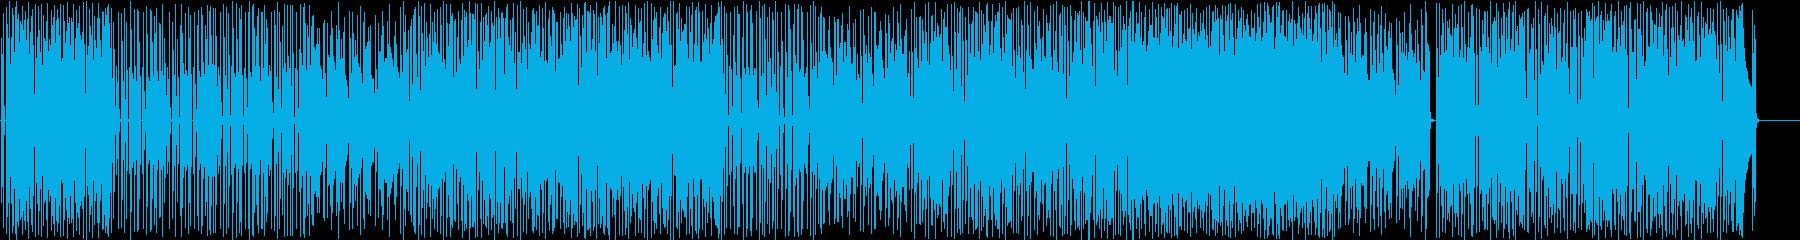 明るい、元気なインストBGMの再生済みの波形